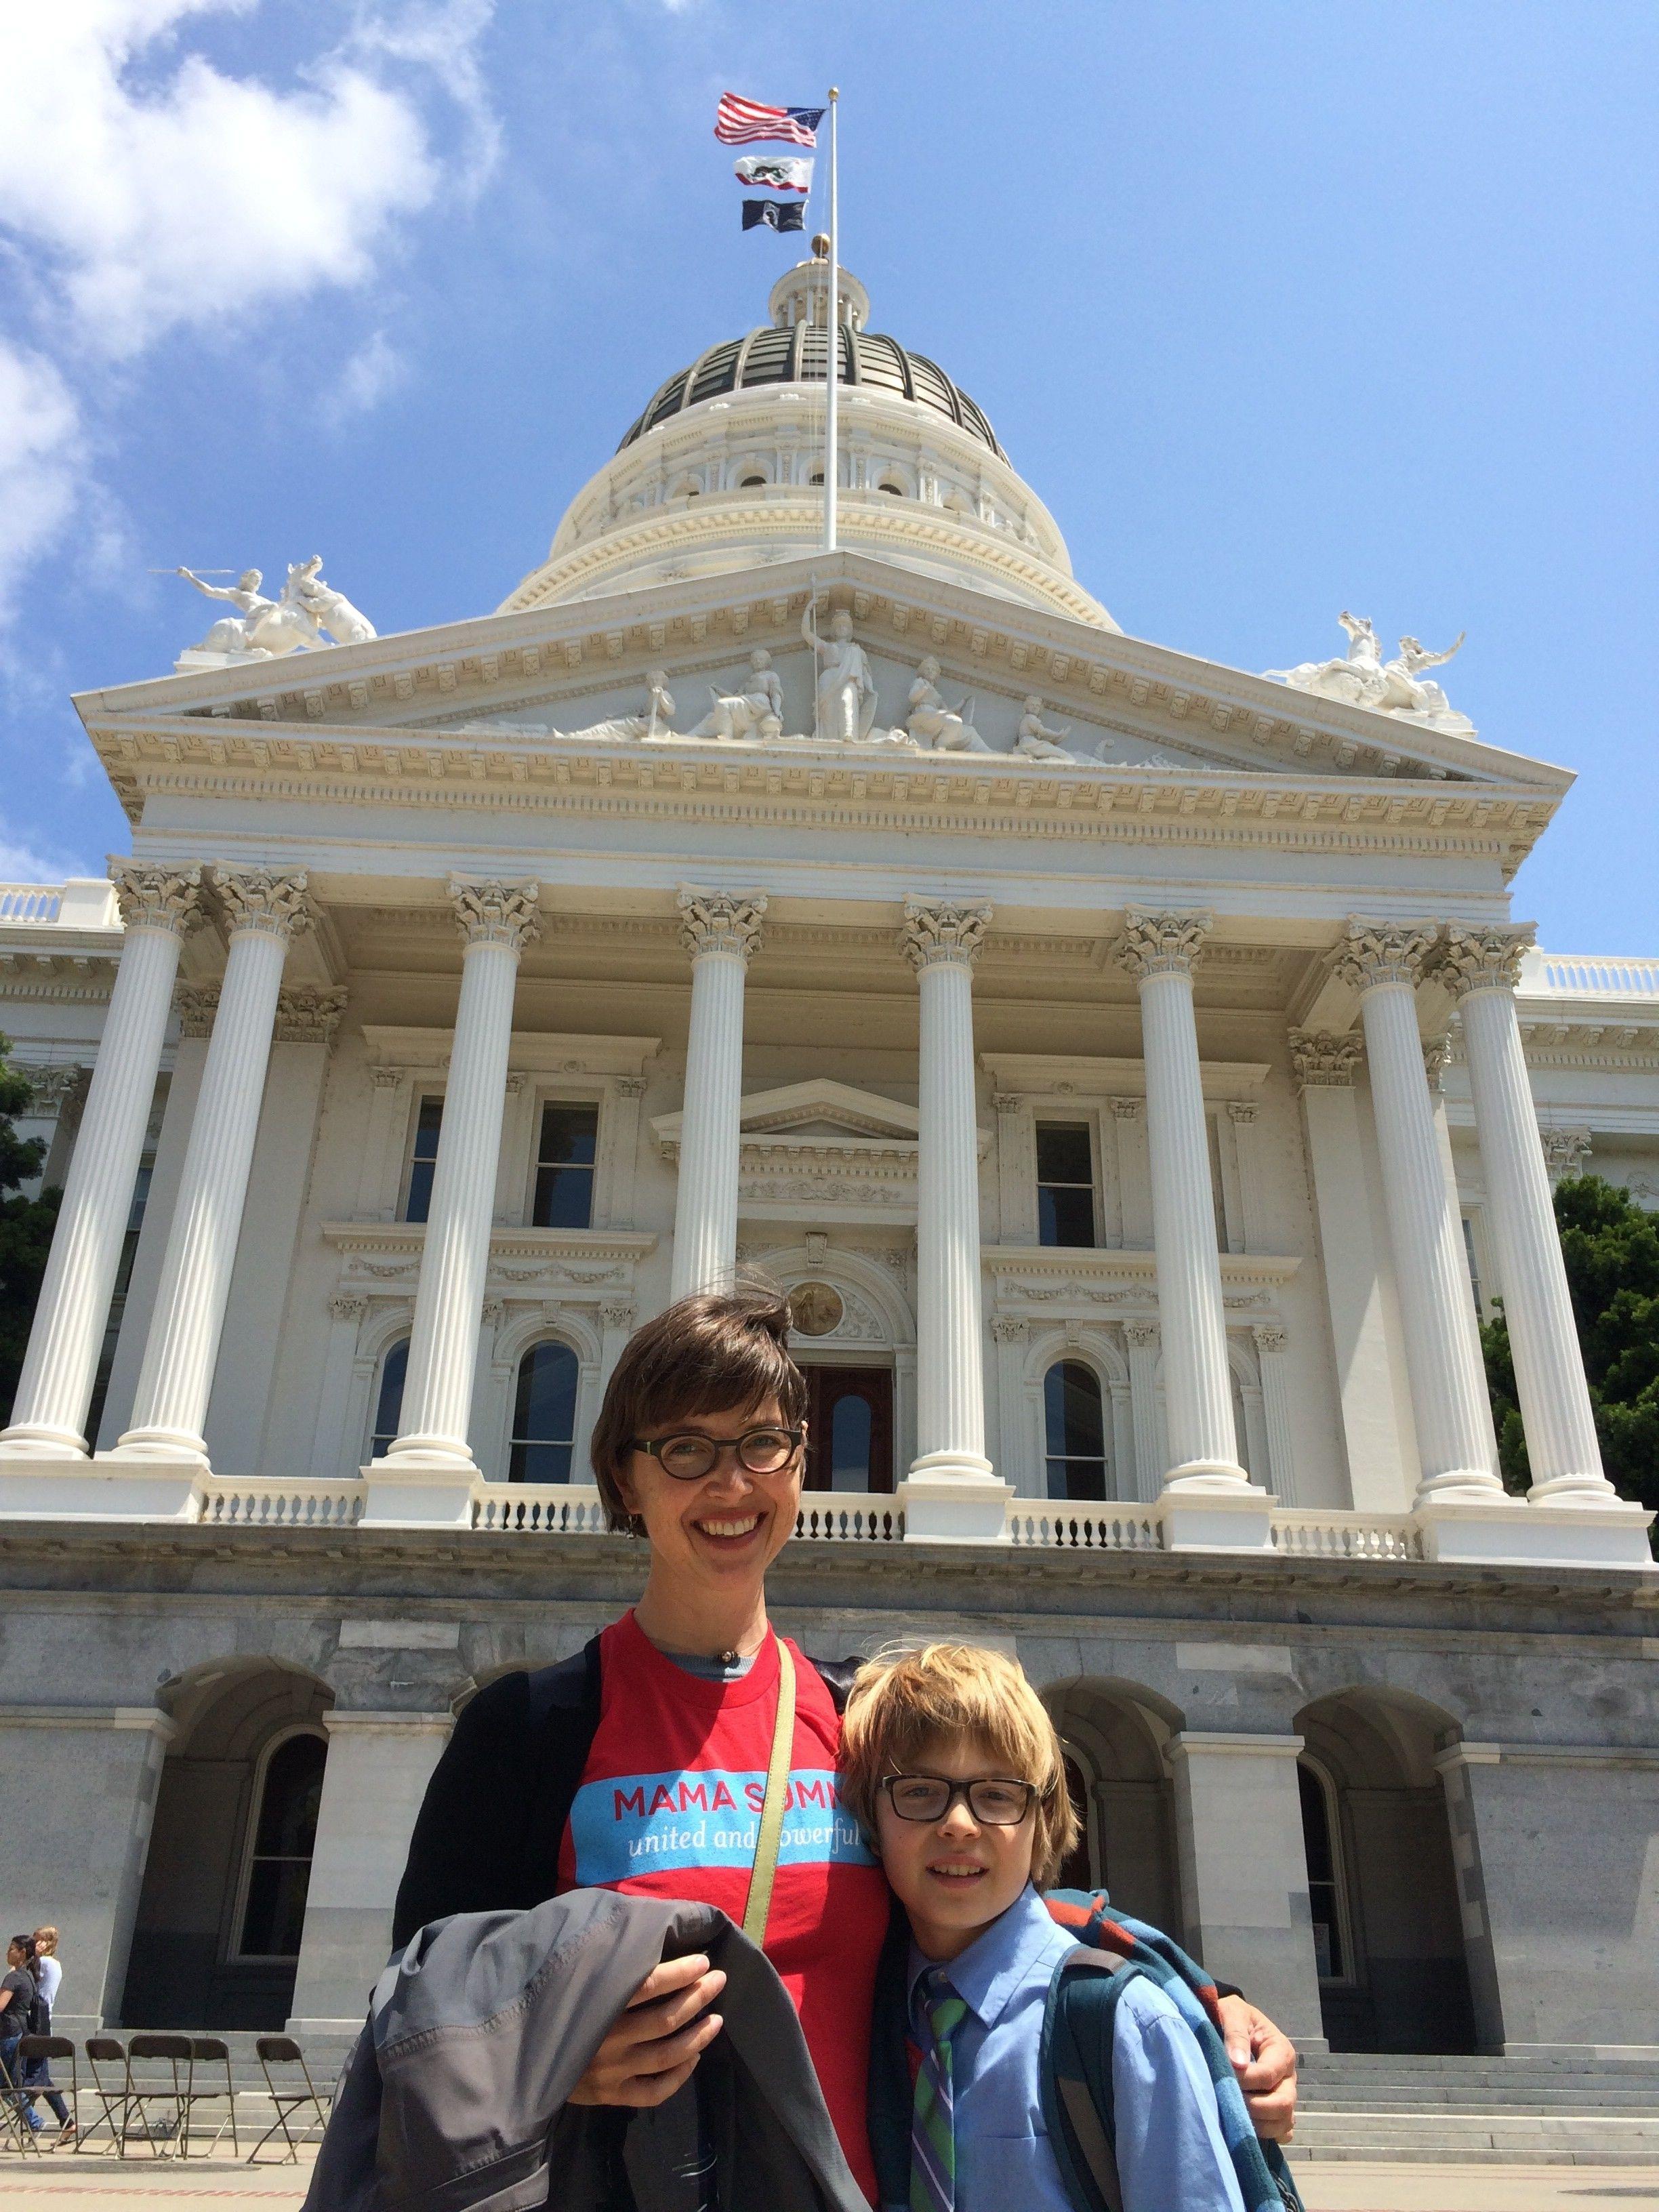 Elliot & Vanessa after a longday of lobbying.